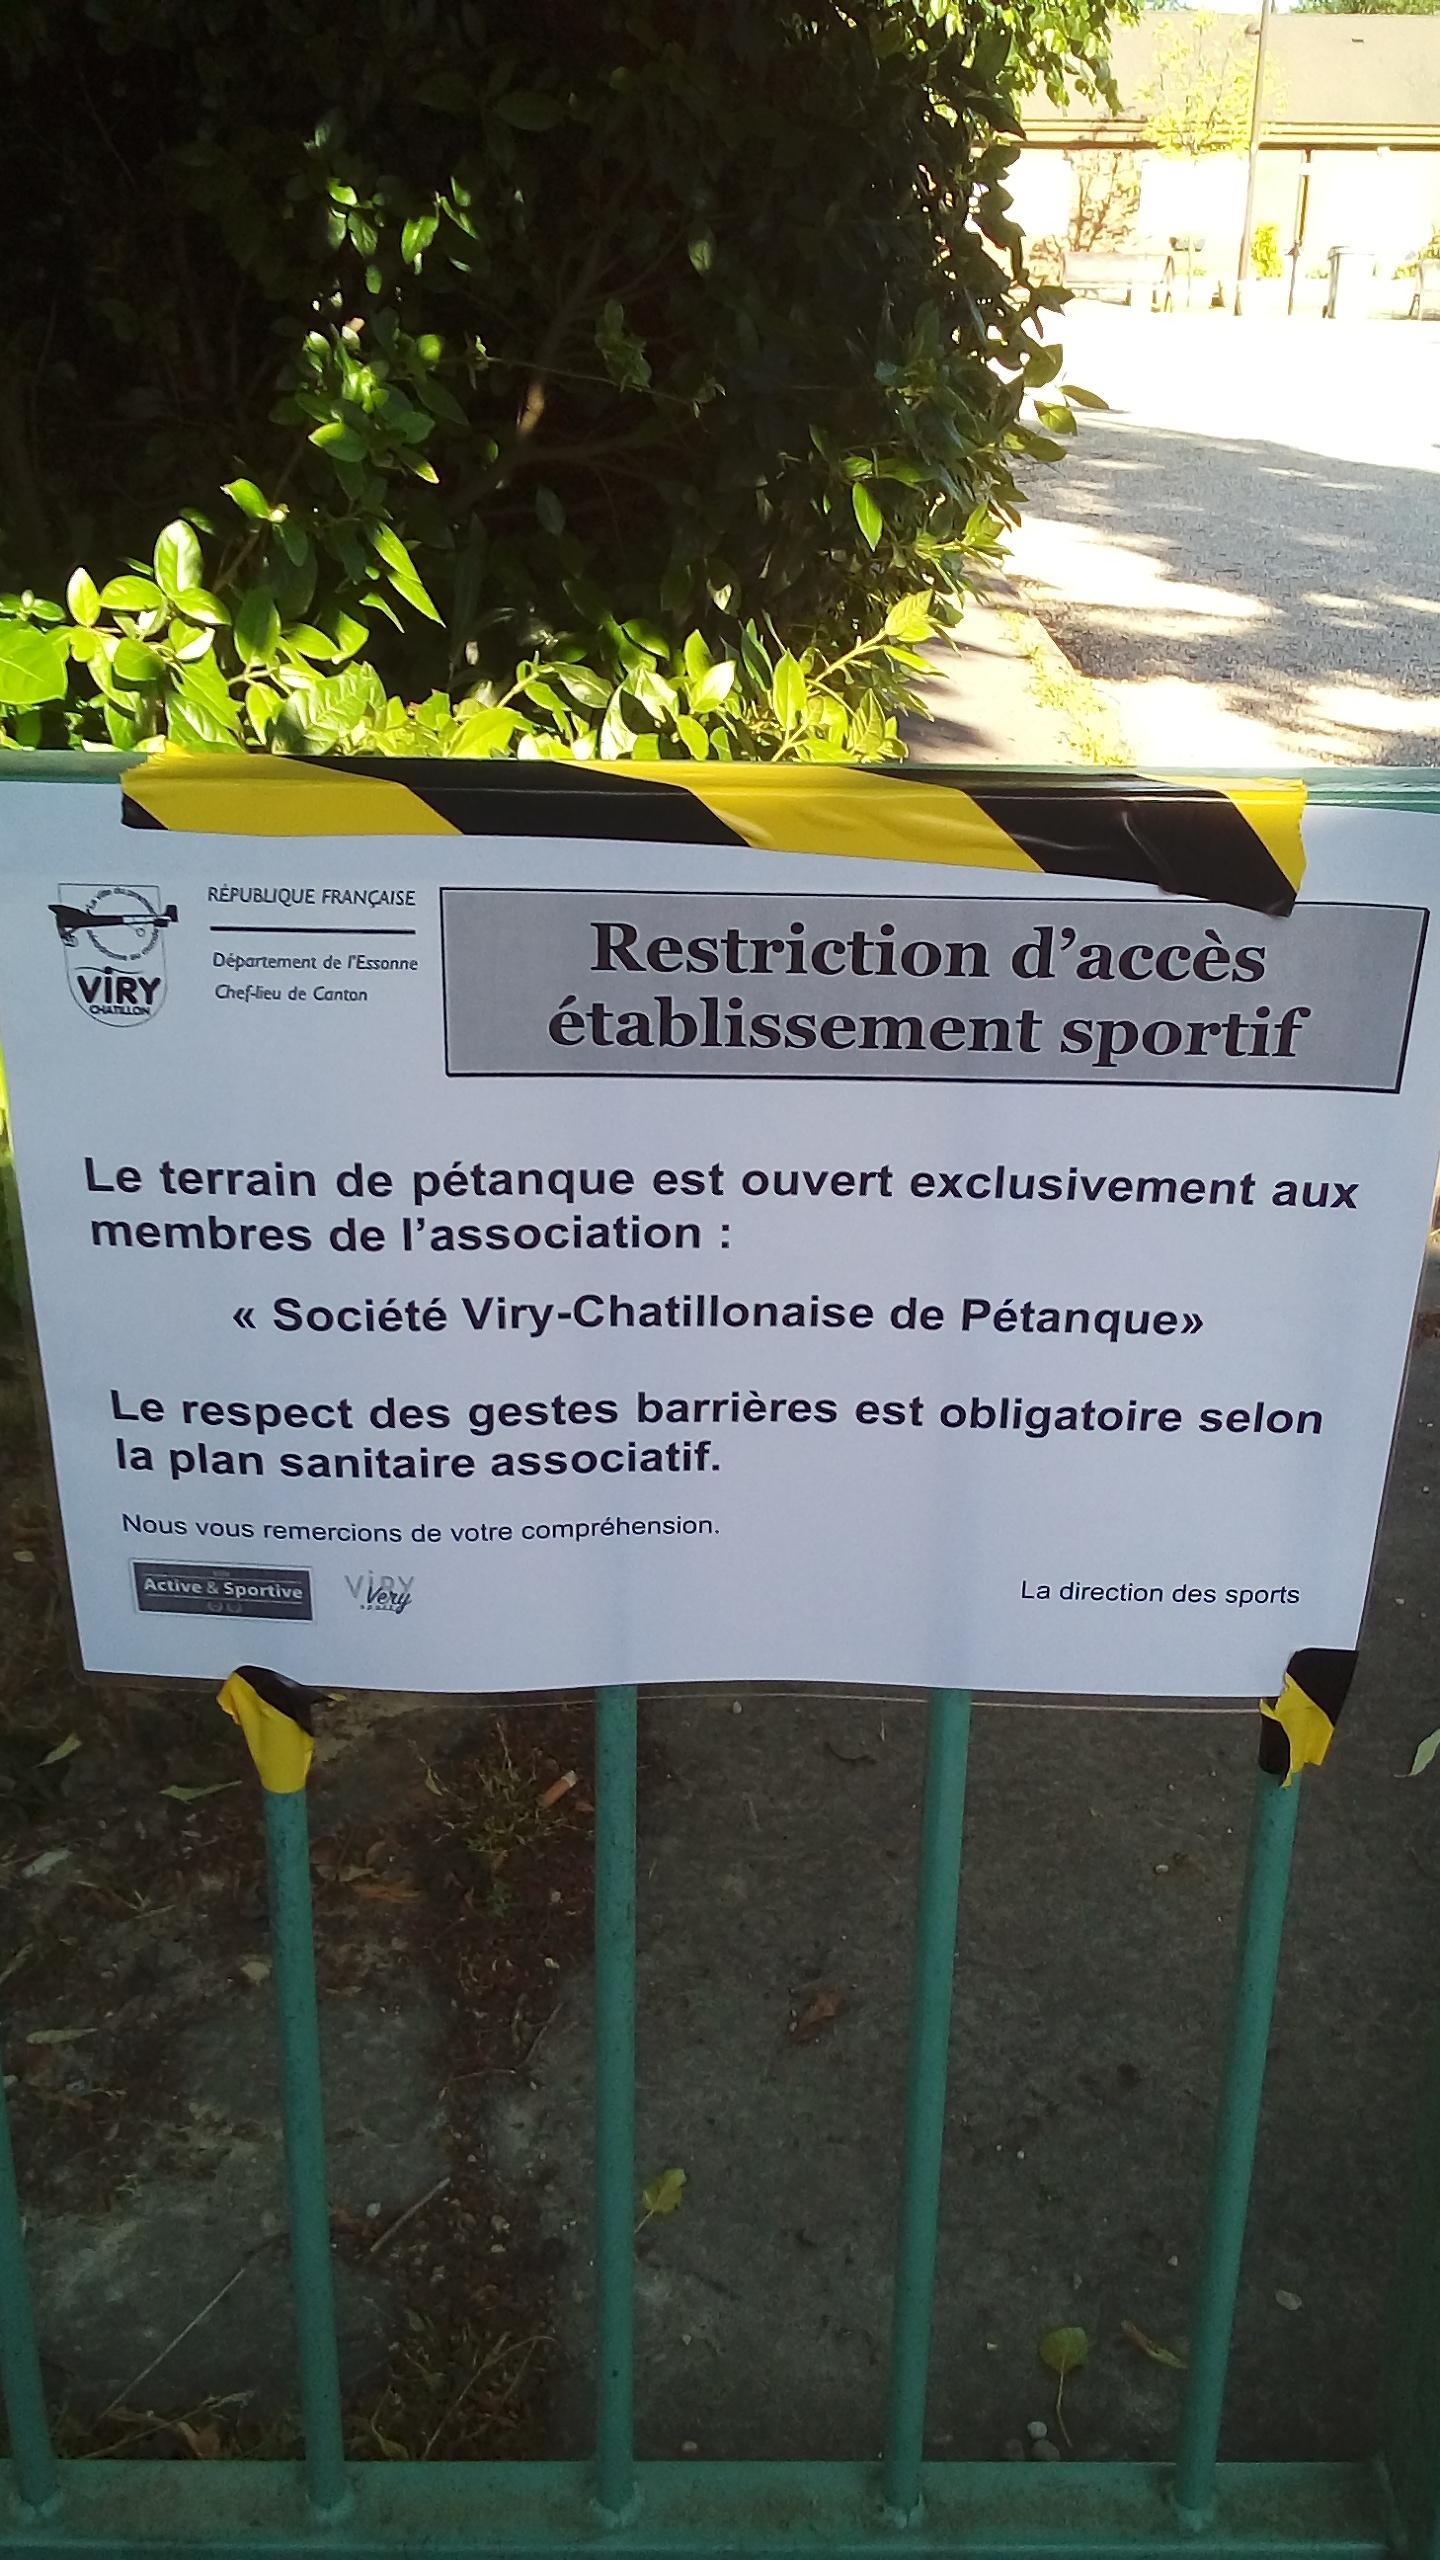 L'affiche scotchée sur les barrières du bolodrome par la Direction des Sports le 18.05.2020